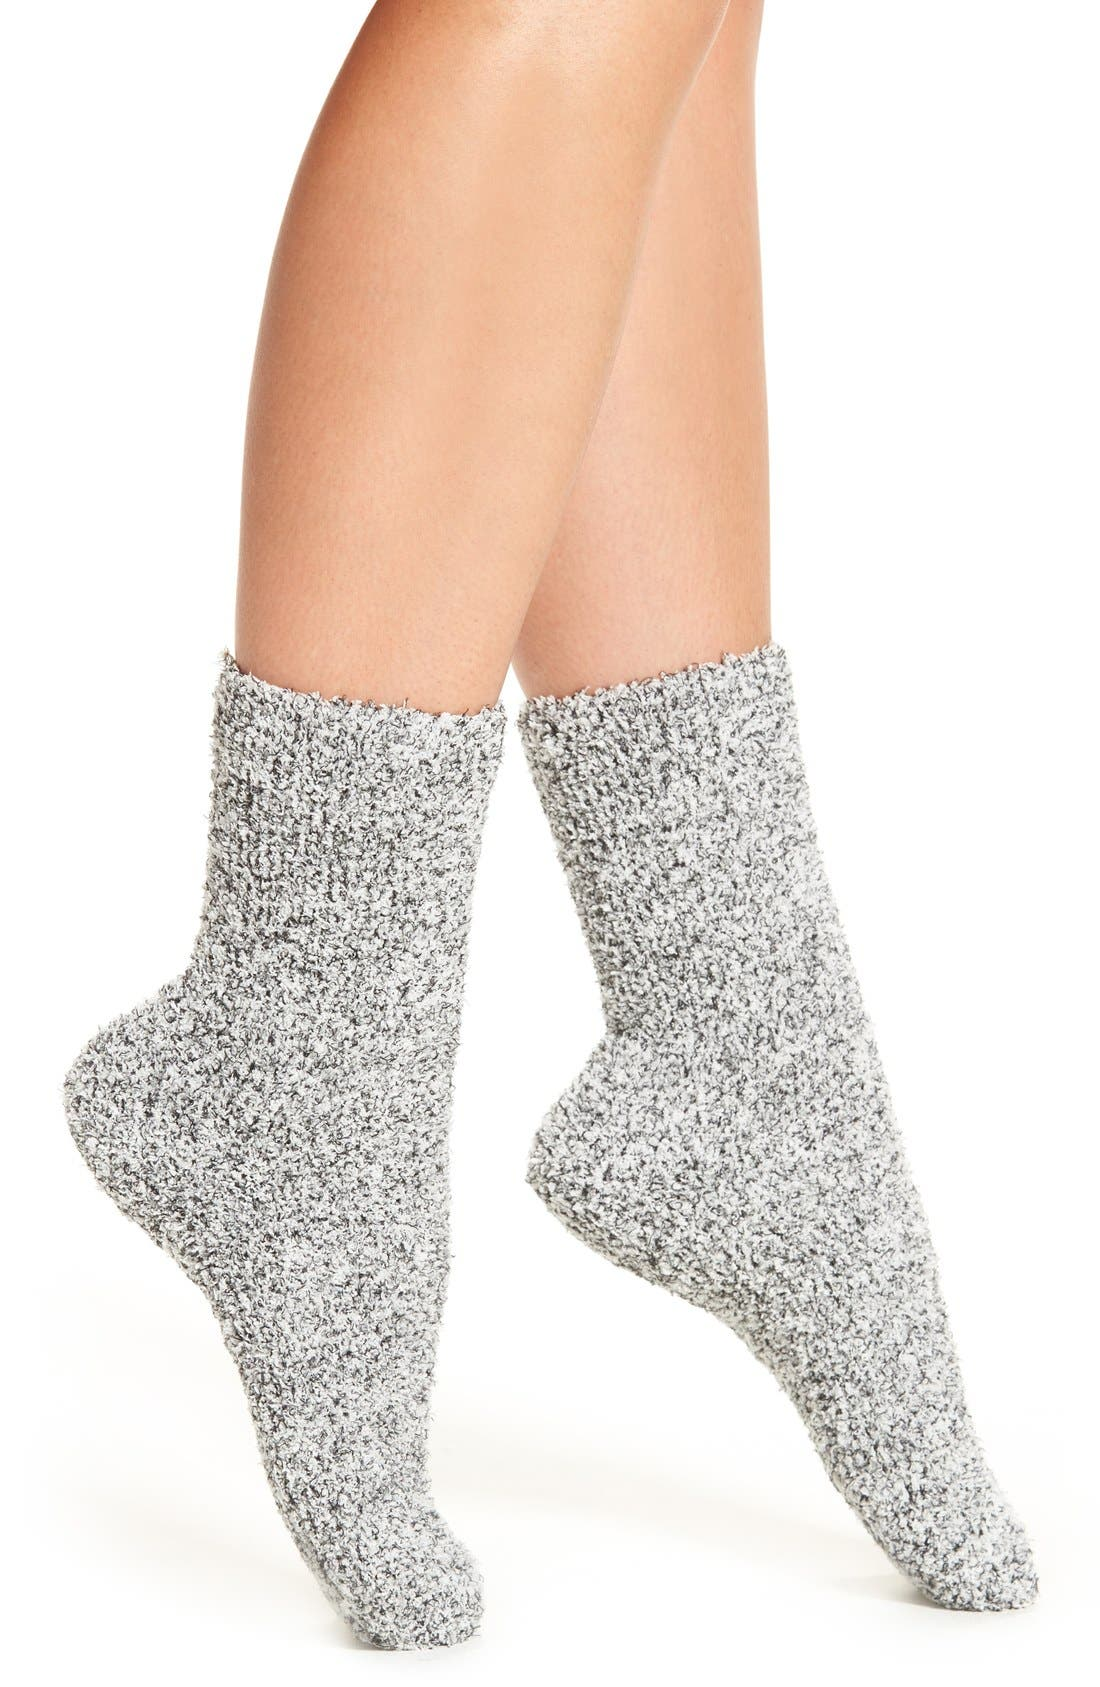 Butter Slipper Socks,                             Main thumbnail 1, color,                             Black Marled